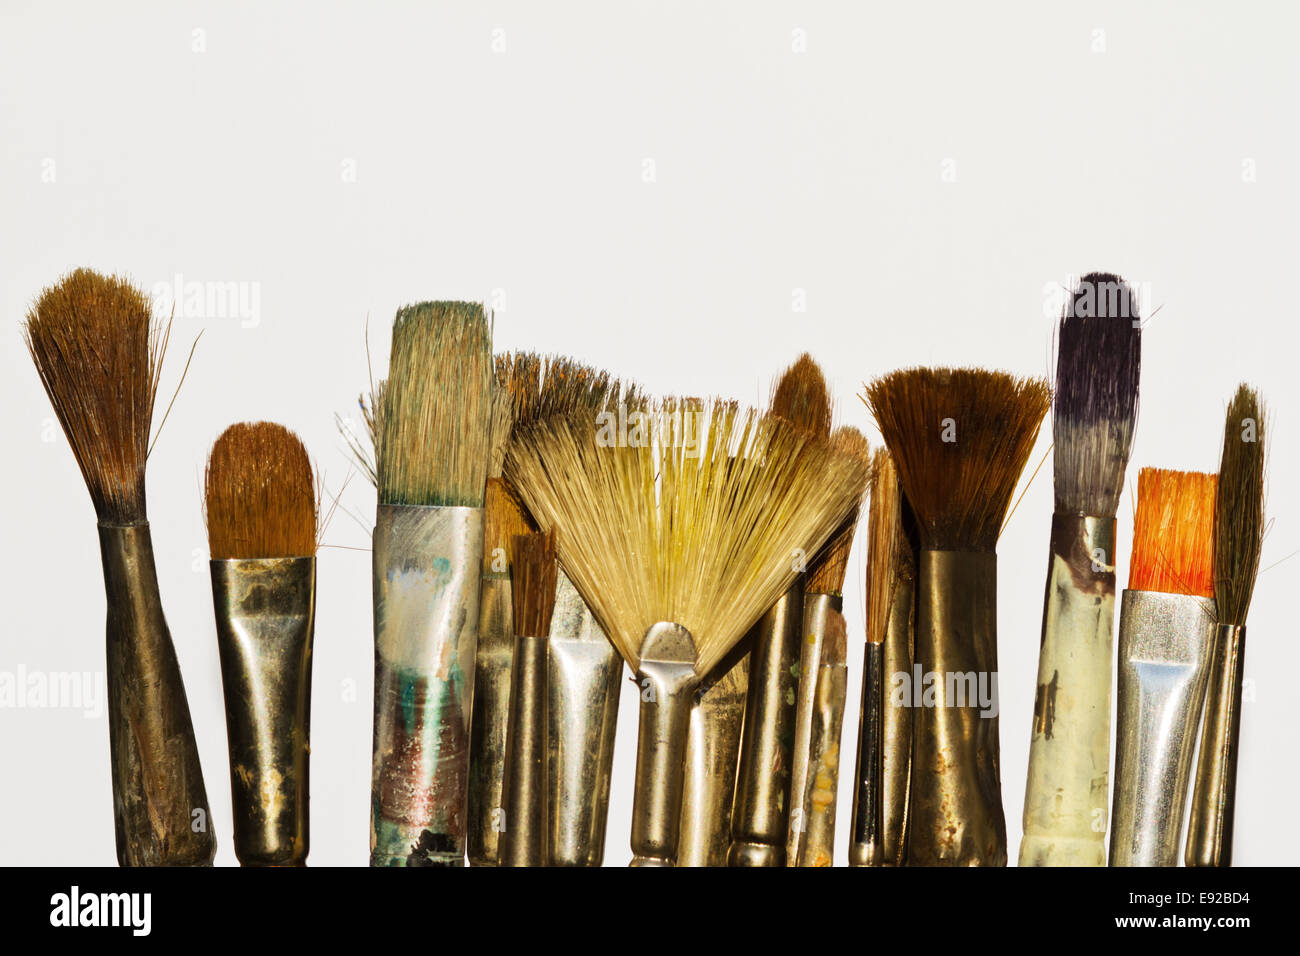 brush tips isolated on white background Stock Photo